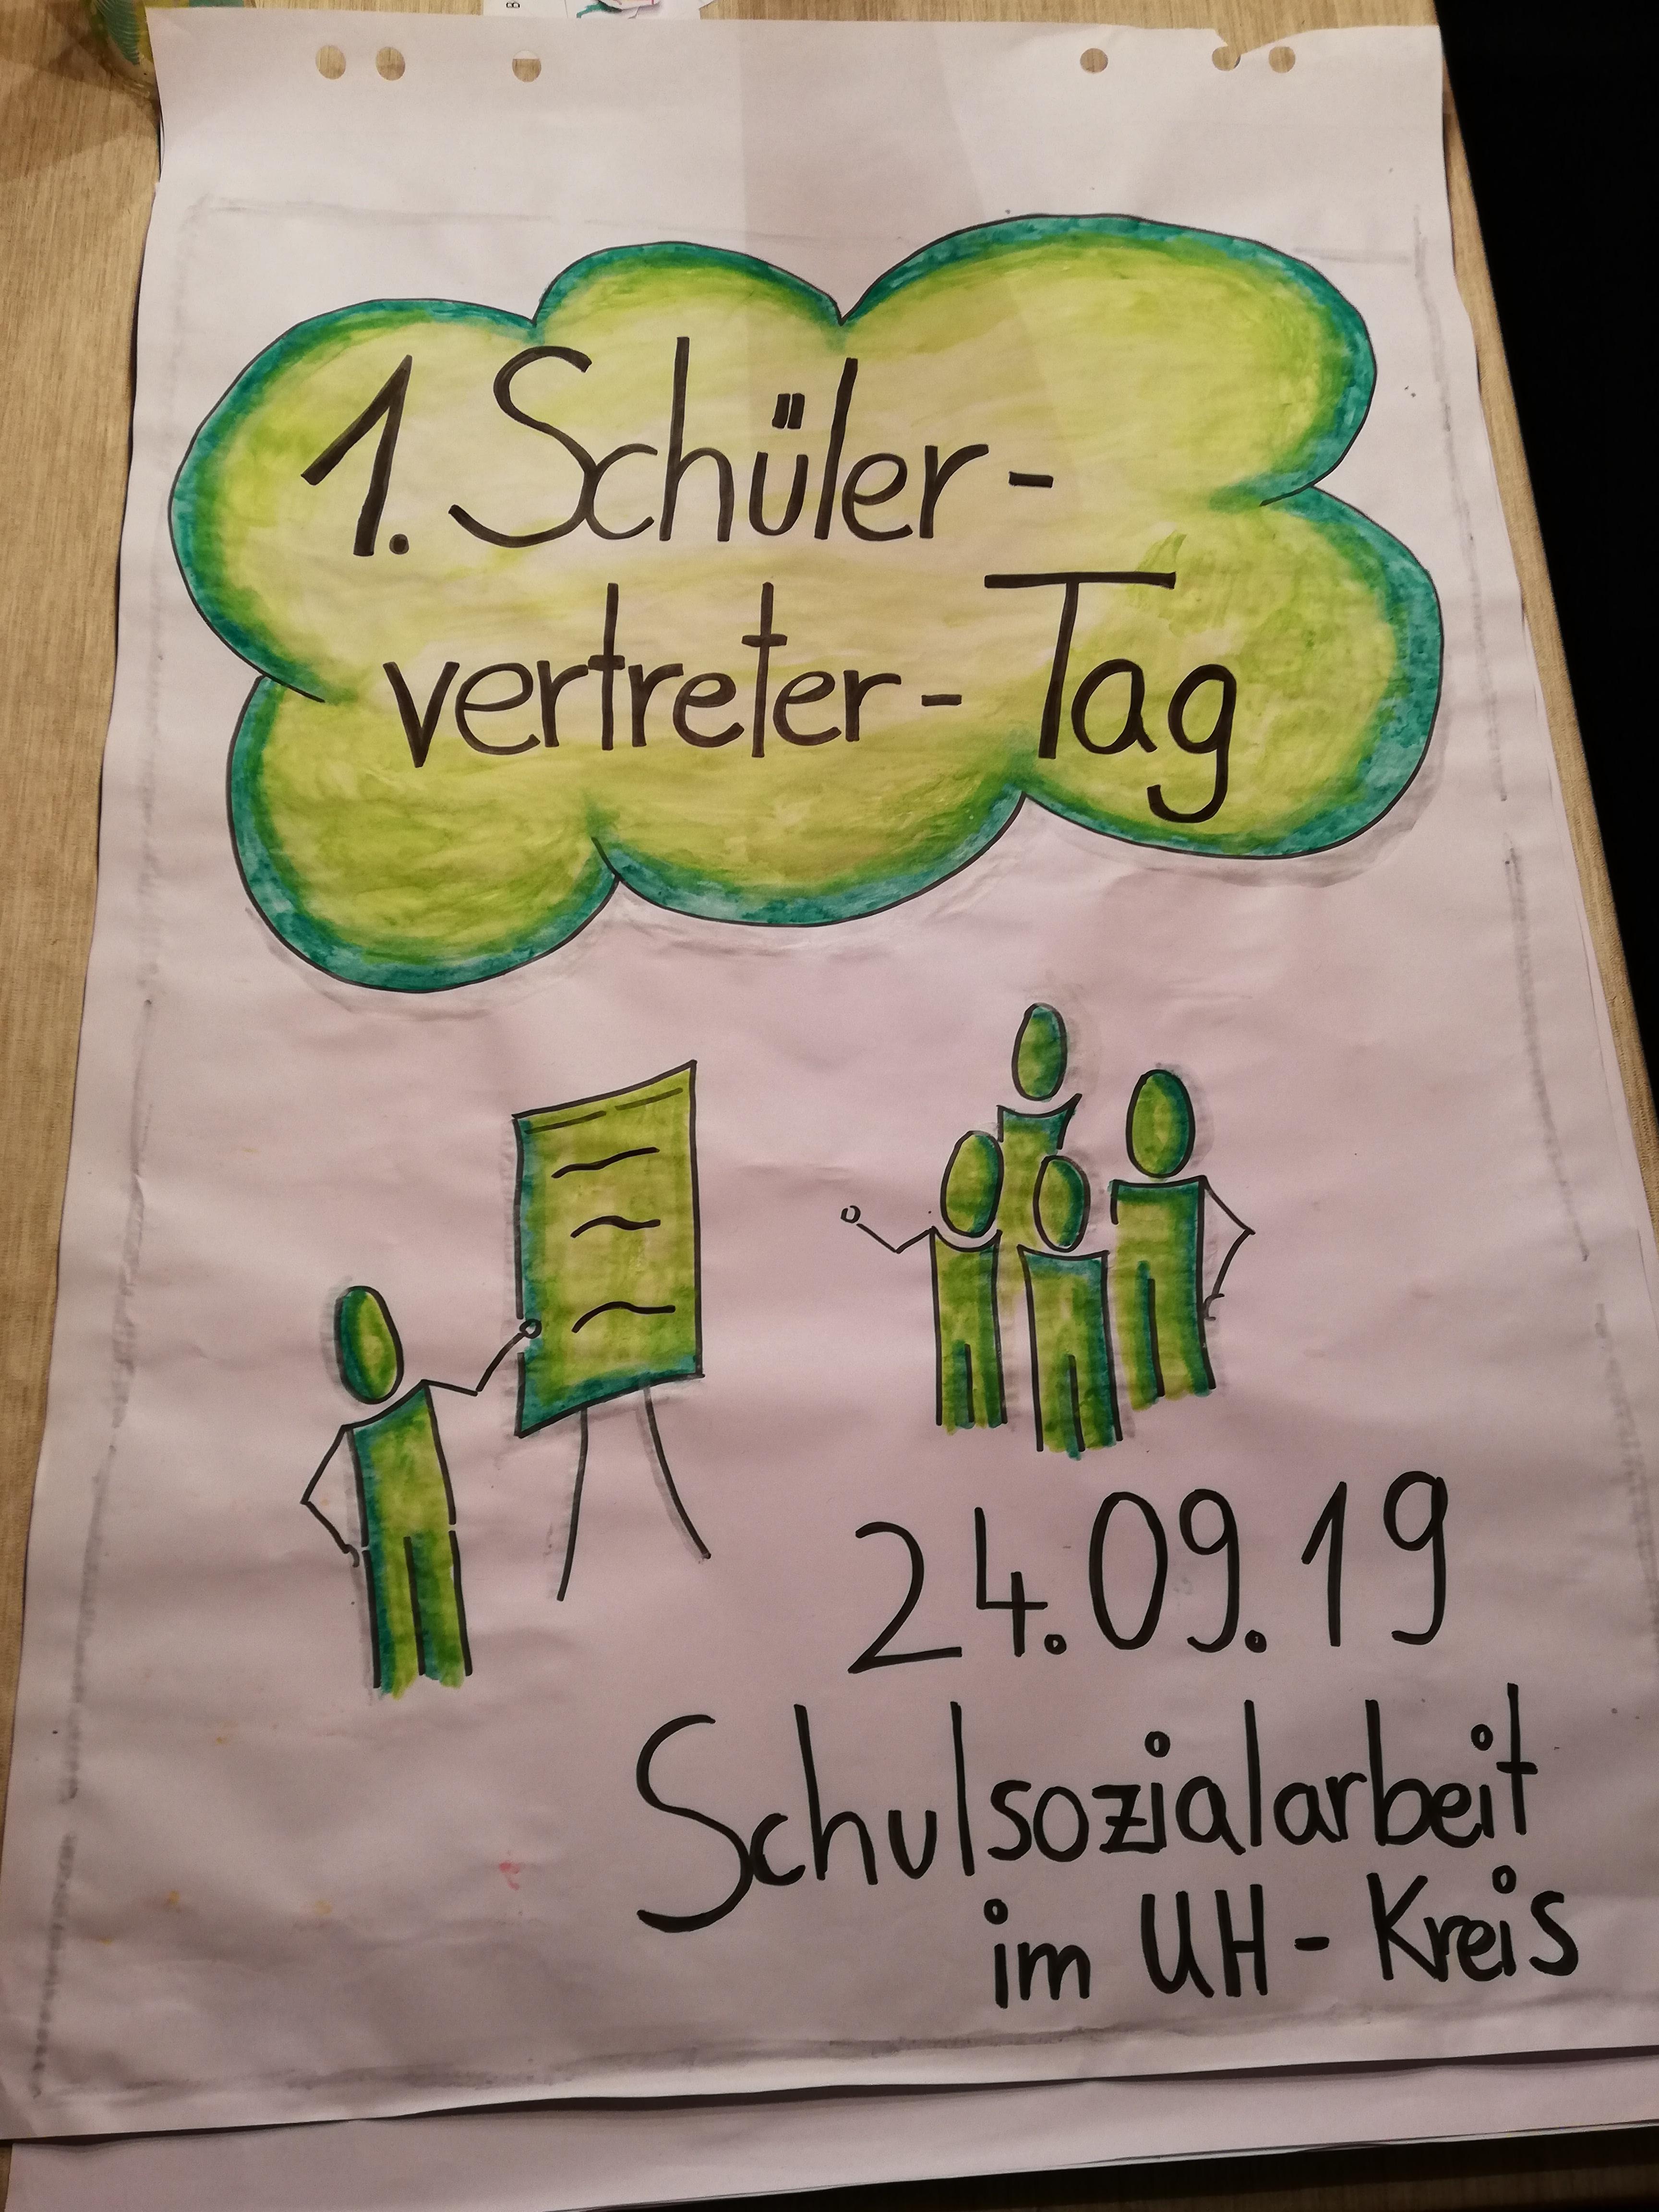 1. Schülervertreter-Tag im Unstrut-Hainich-Kreis